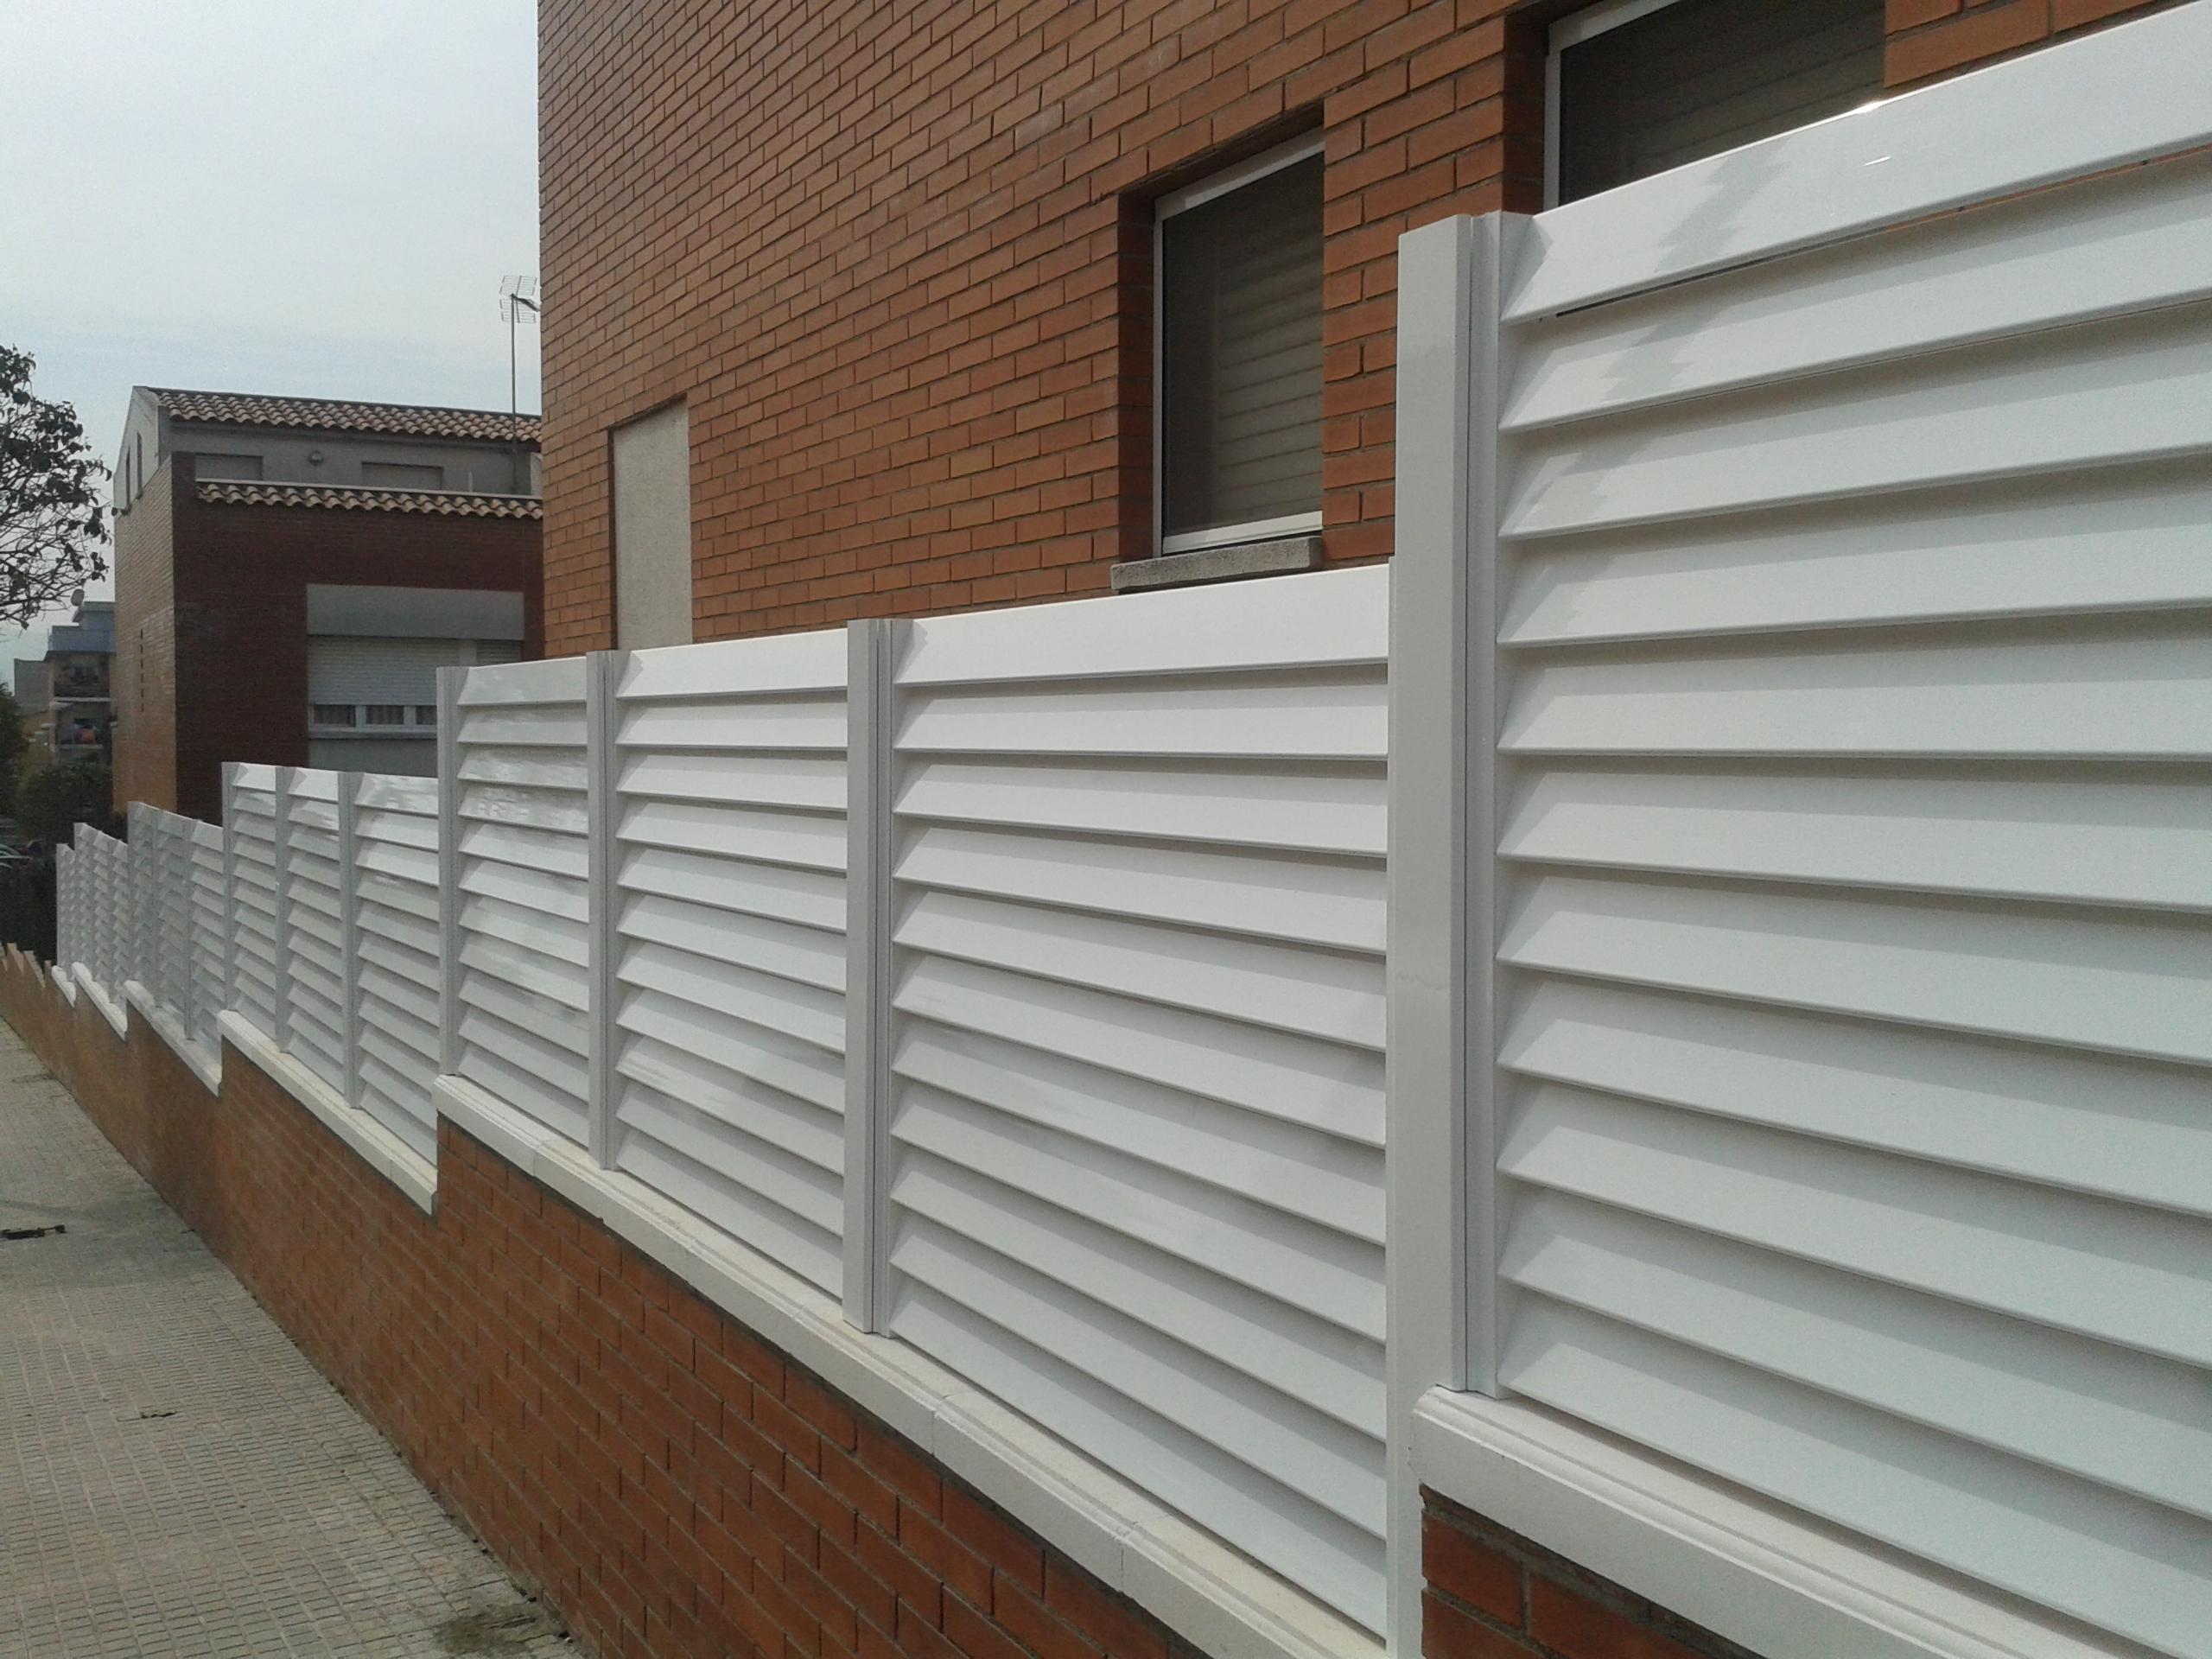 Jard n vallas y puertas cristaler a y aluminio r b r - Vallas para chalets ...